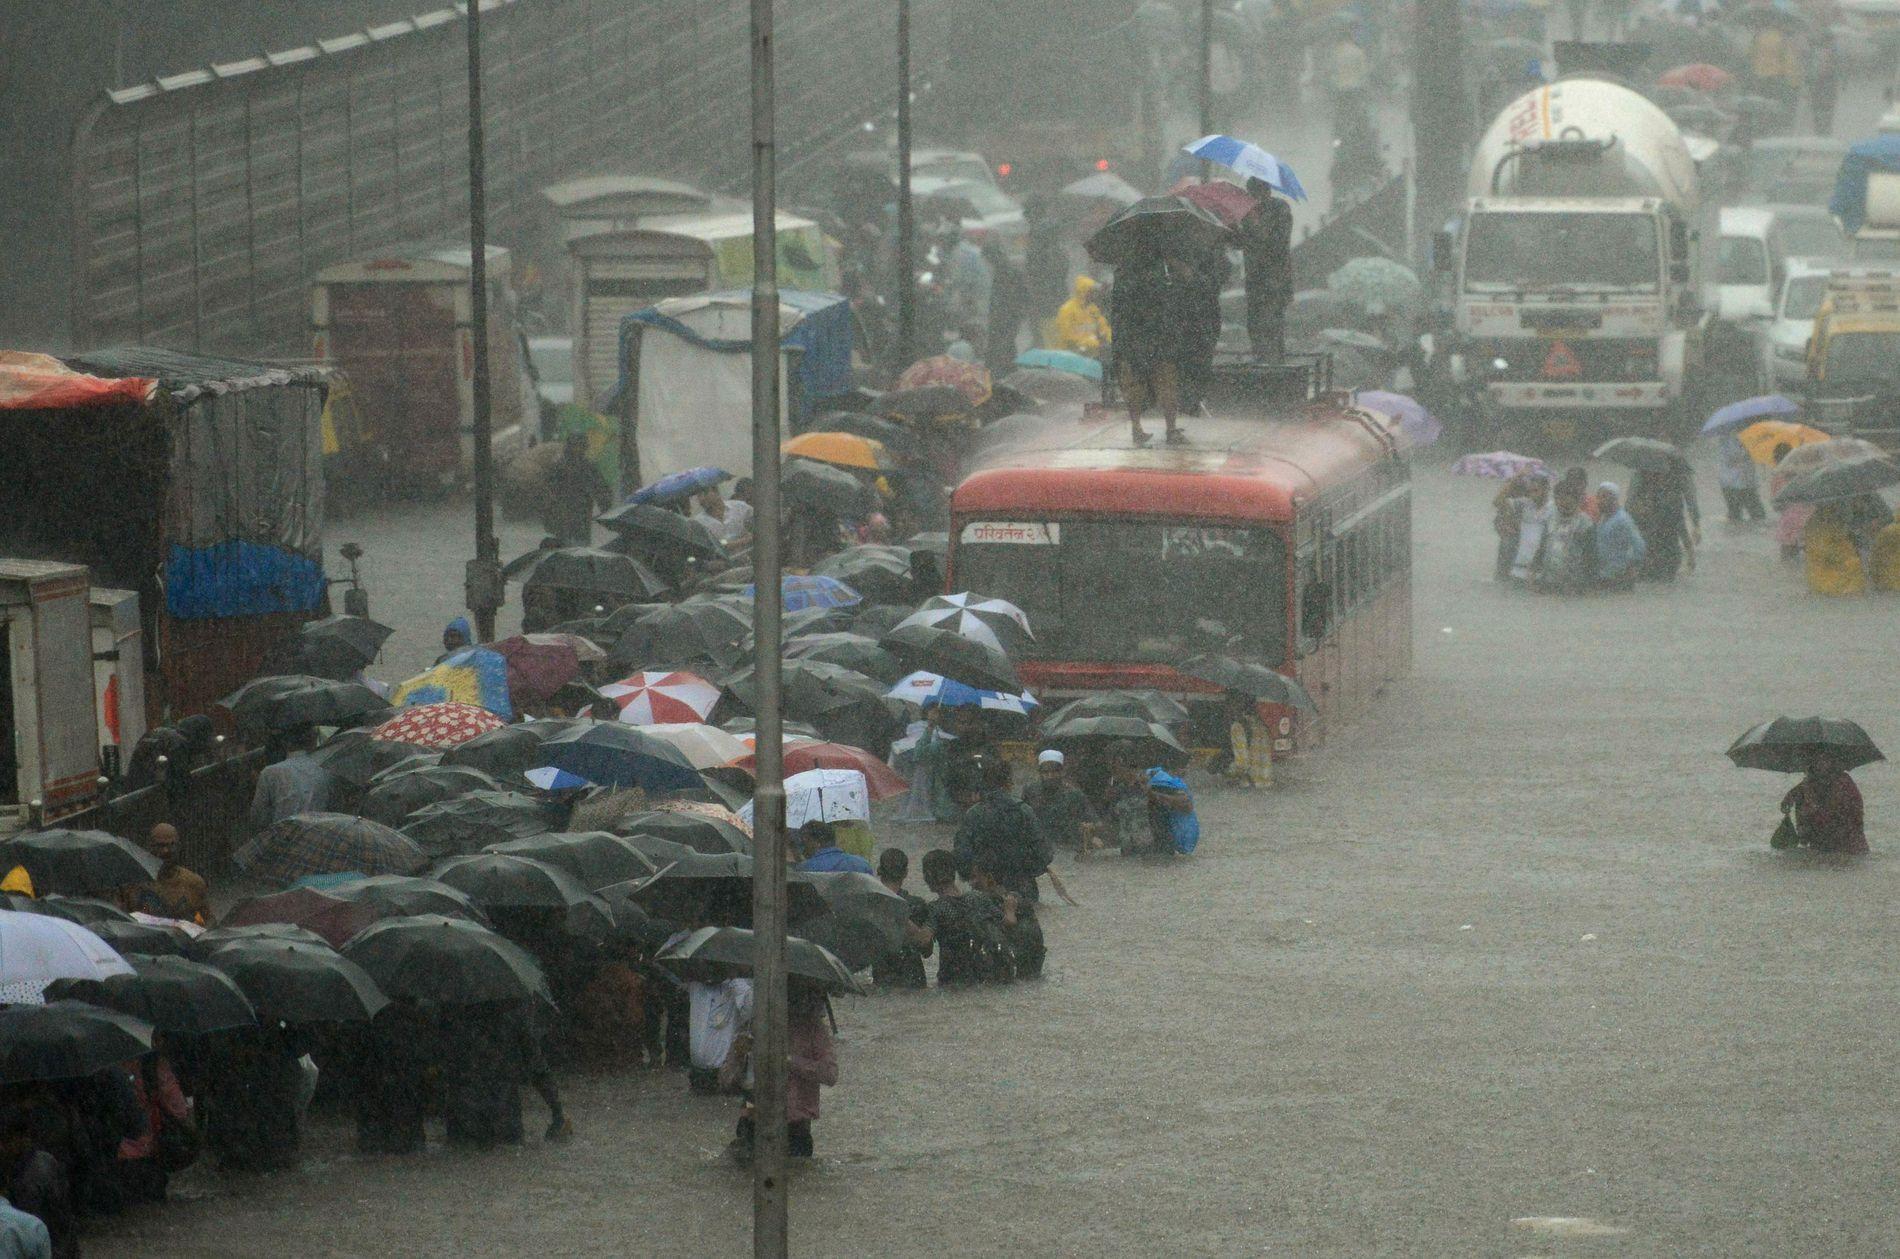 BYEN STOPPER OPP: Jernbaner stenges og flyvninger kanselleres som følge av monsunen i India.